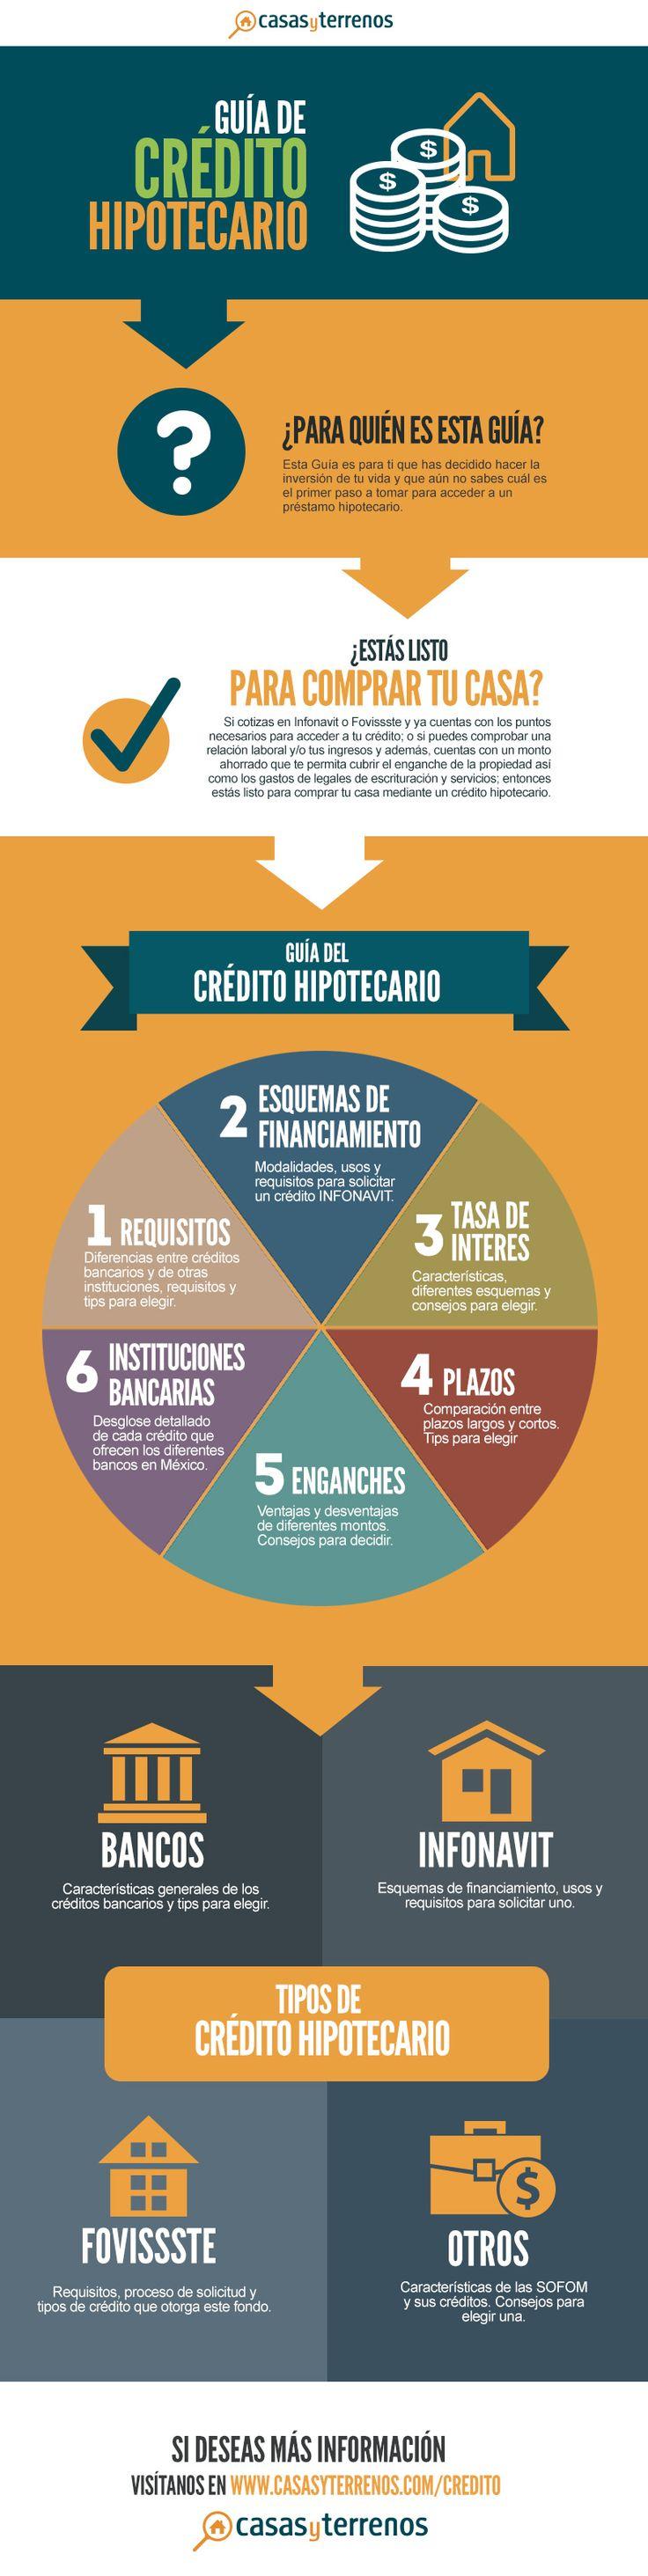 Guía de Crédito Hipotecario - En esta práctica guía te proporcionamos toda la información necesaria para obtener tu crédito hipotecario - http://www.casasyterrenos.com/credito